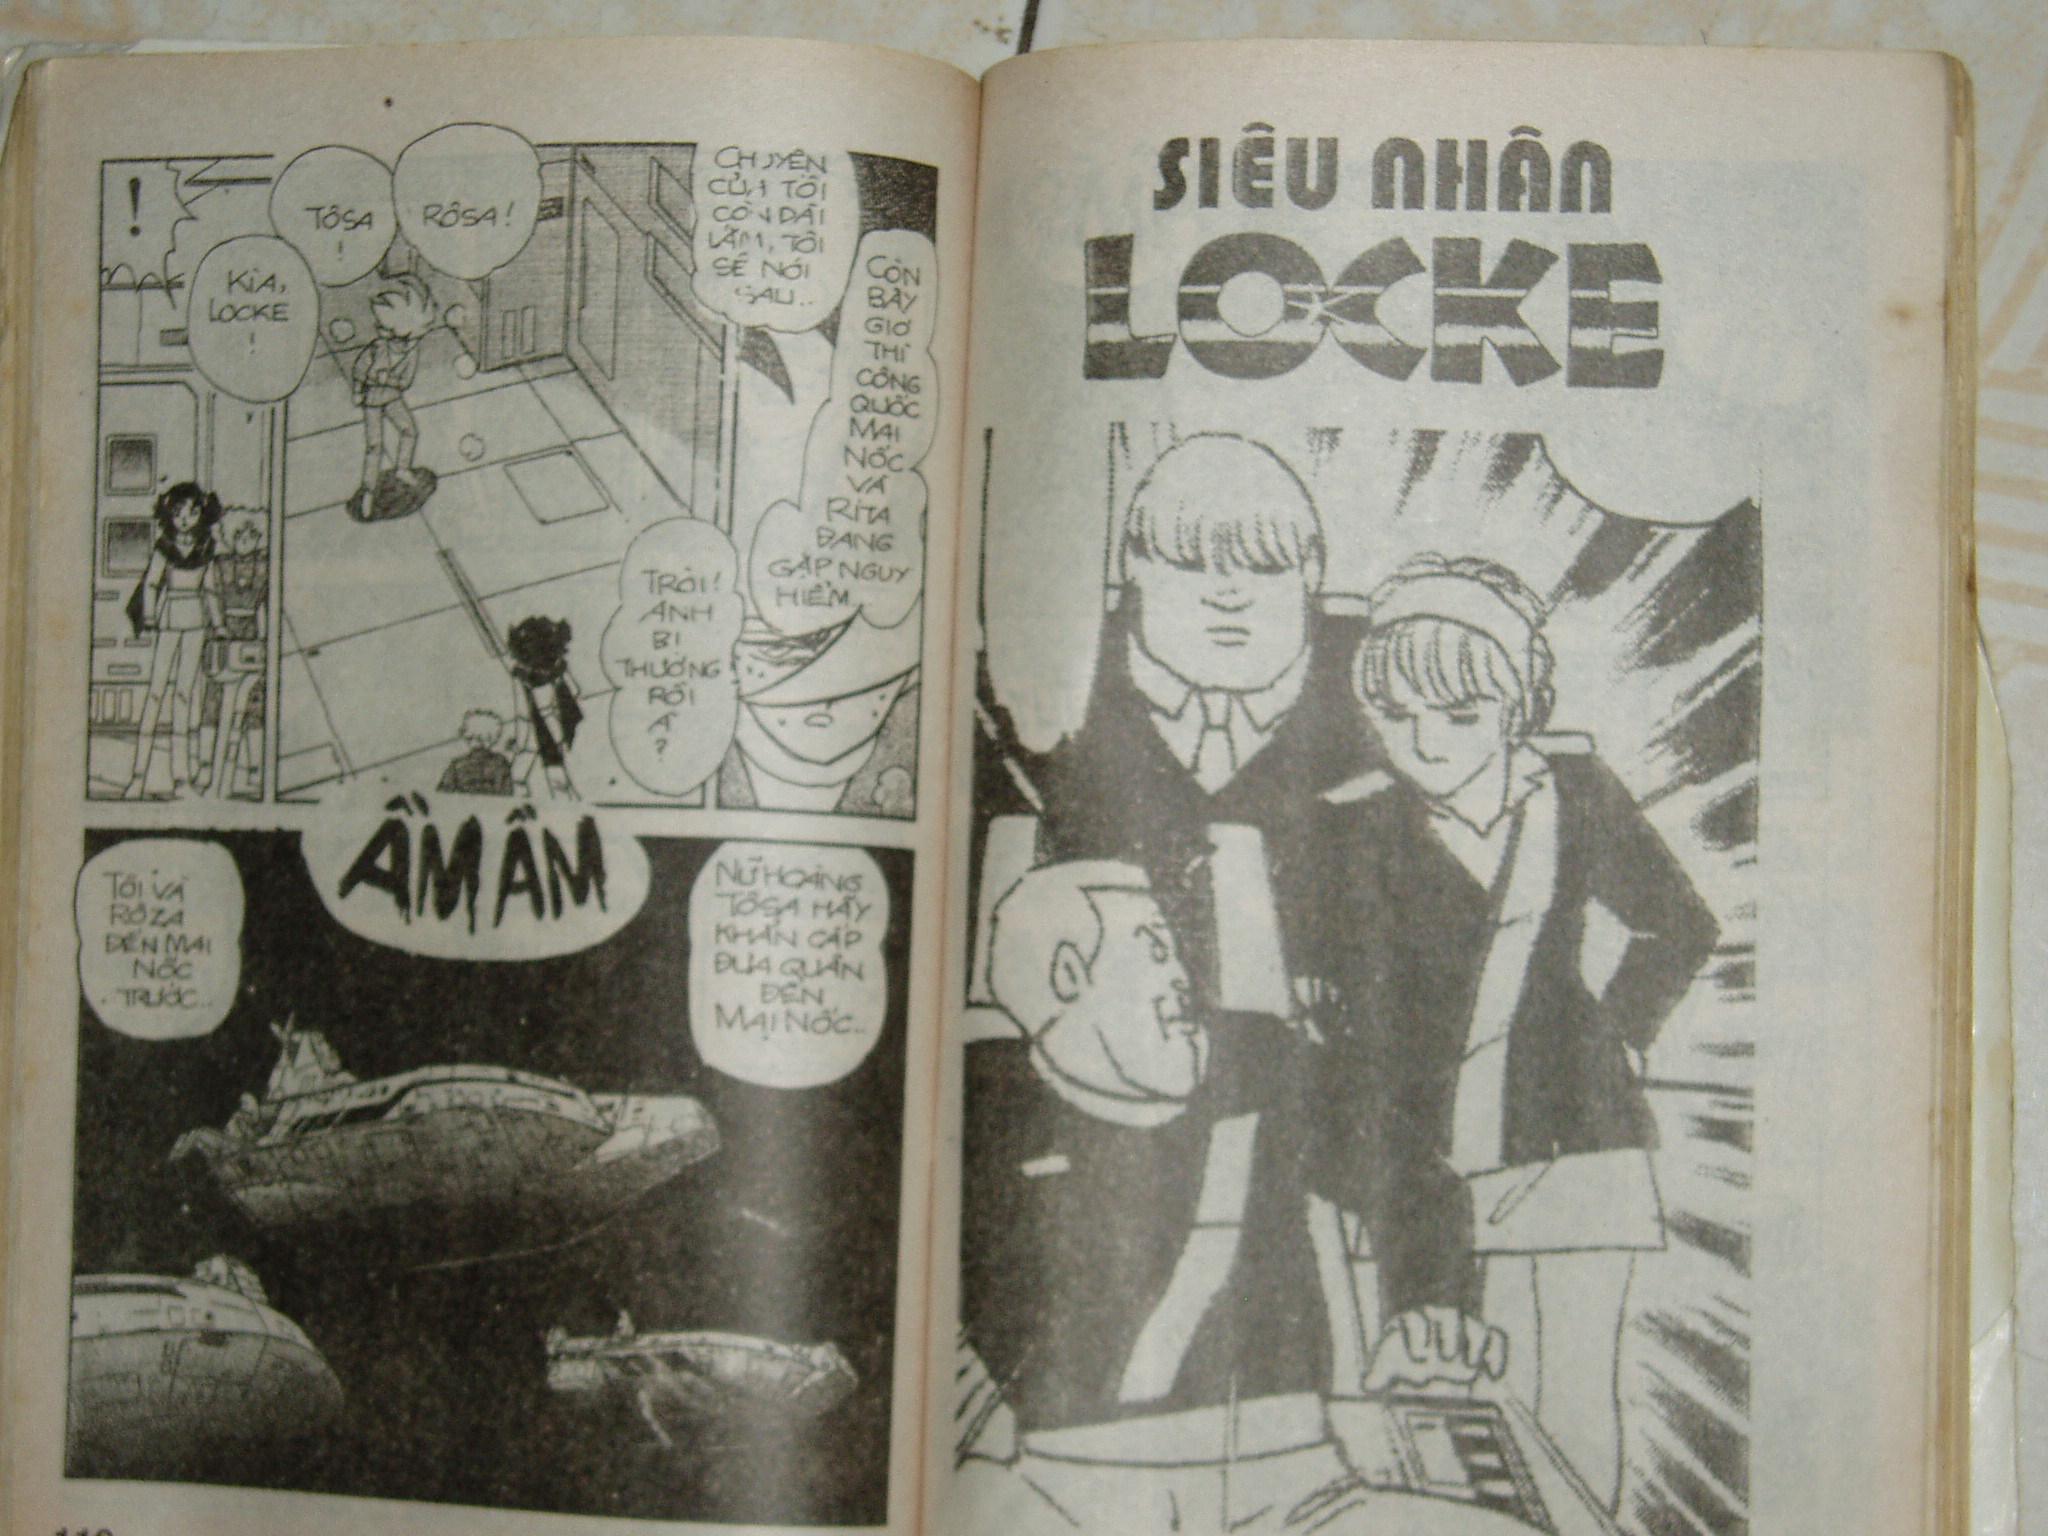 Siêu nhân Locke vol 13 trang 52